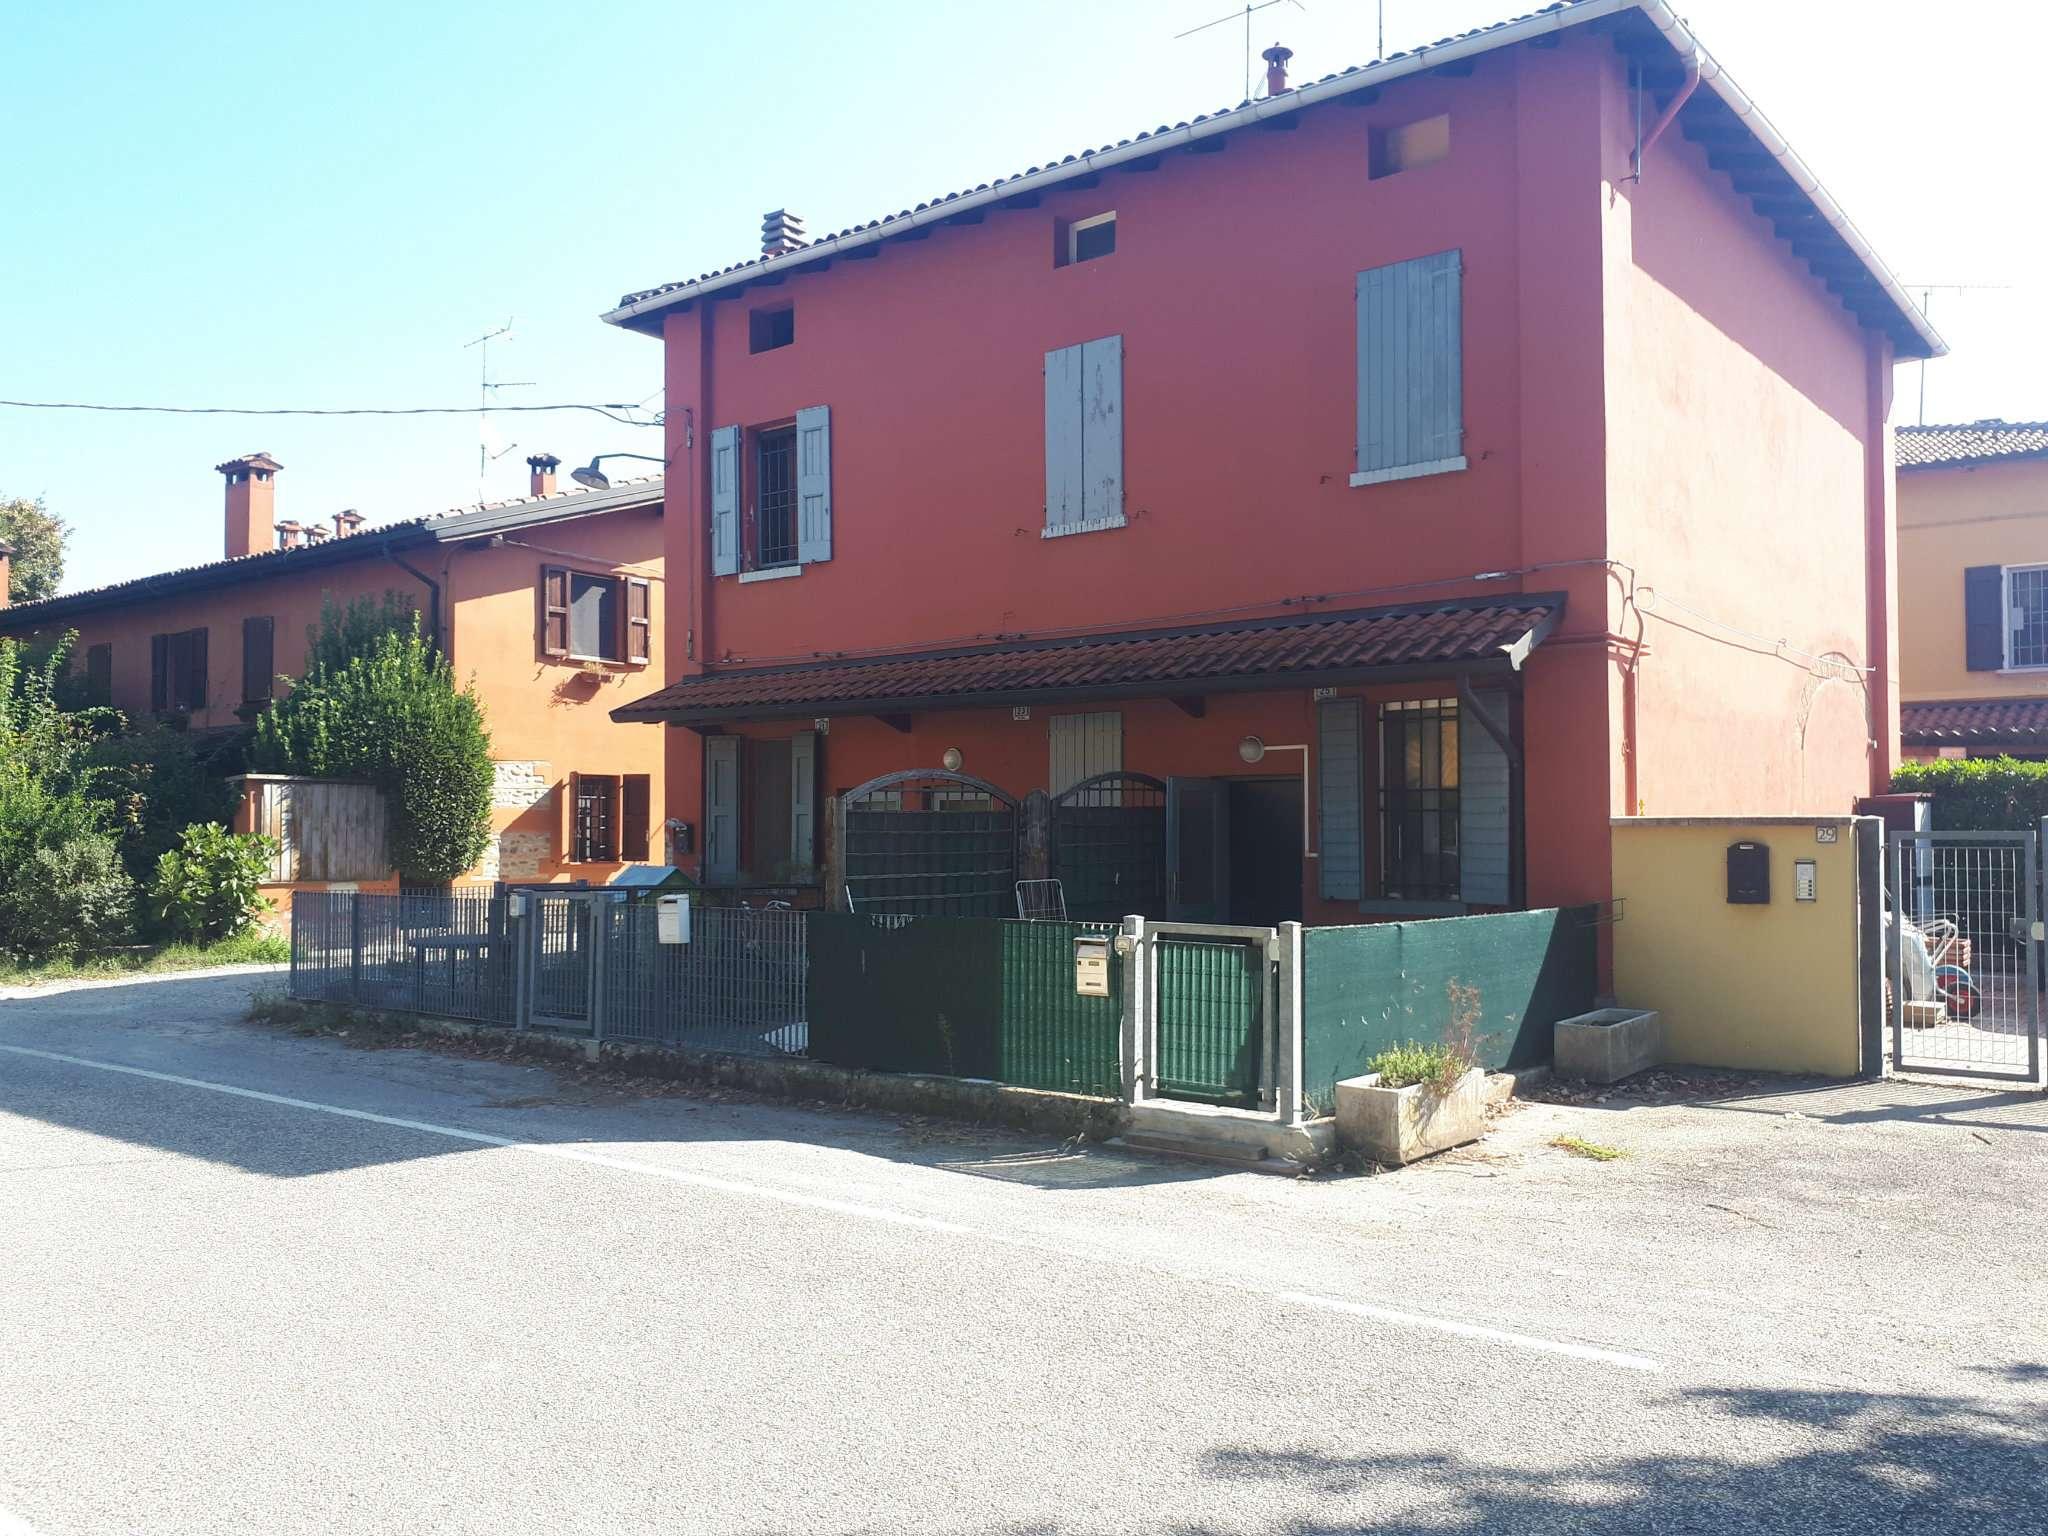 Appartamento in vendita a Calderara di Reno, 4 locali, prezzo € 45.000 | PortaleAgenzieImmobiliari.it